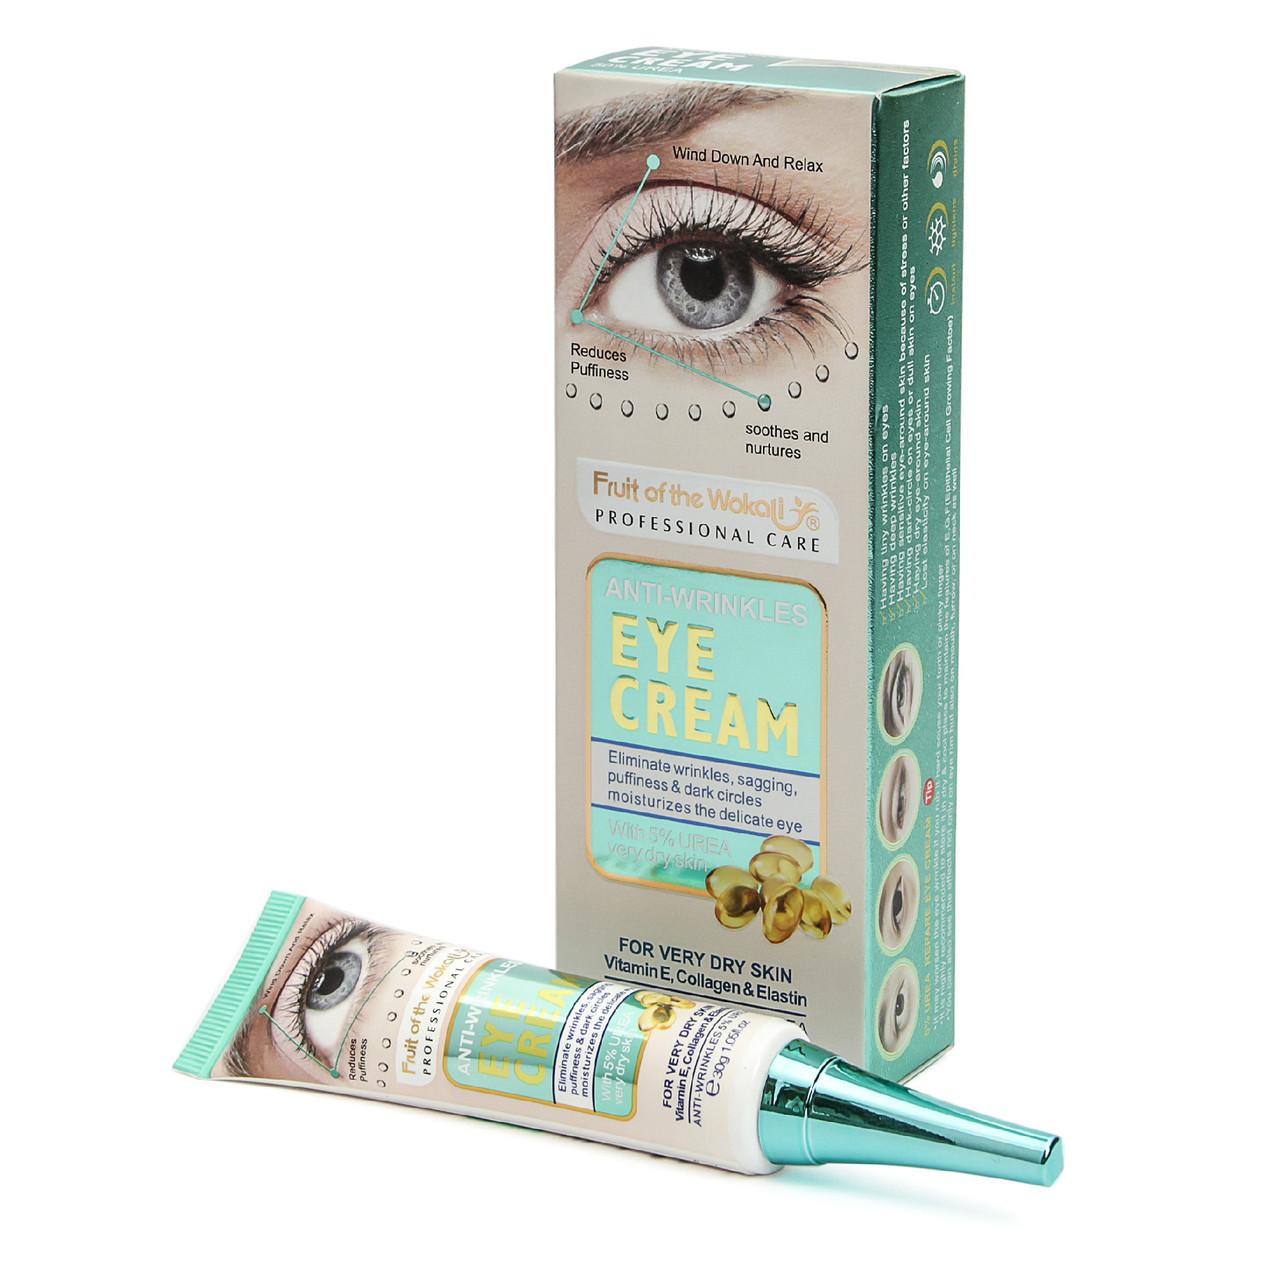 Крем от темных кругов под глазами  Fruit of the Wokali Anti wrinkle Eye Cream